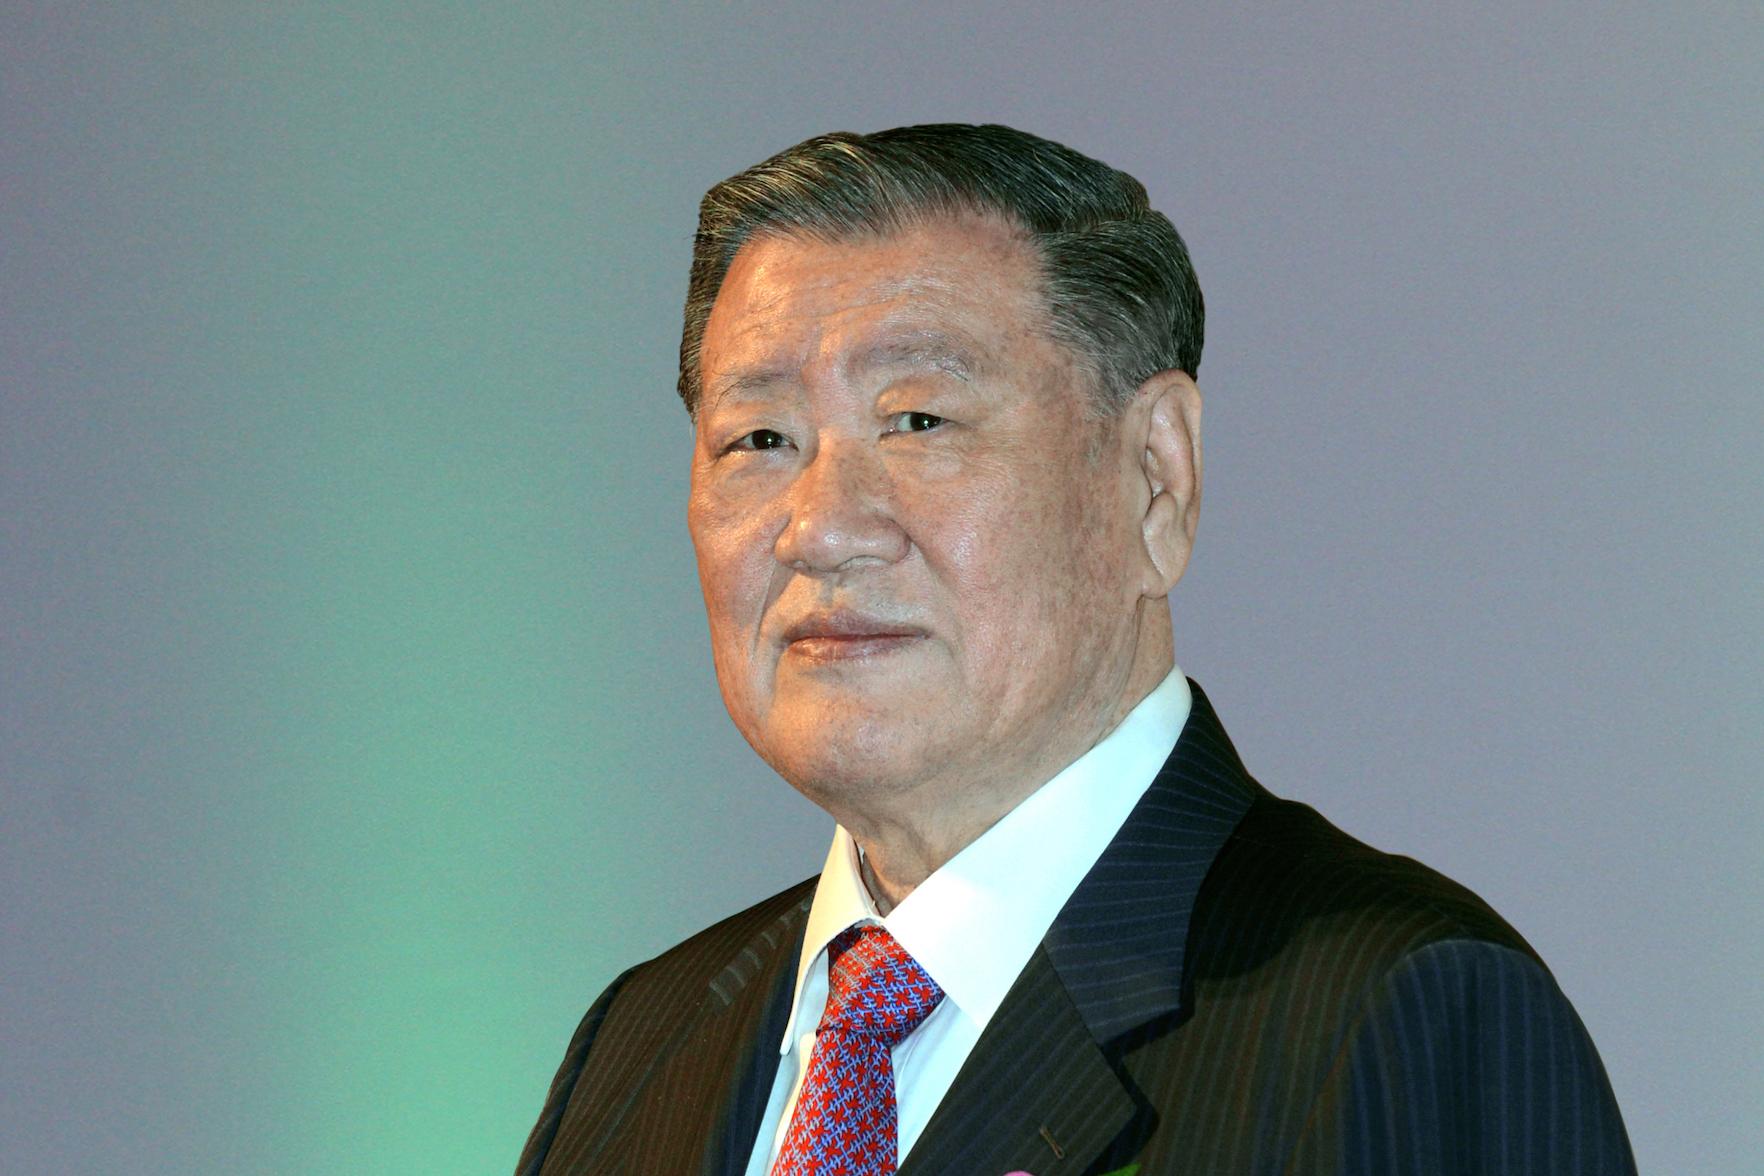 Chairman Mong Koo Chung